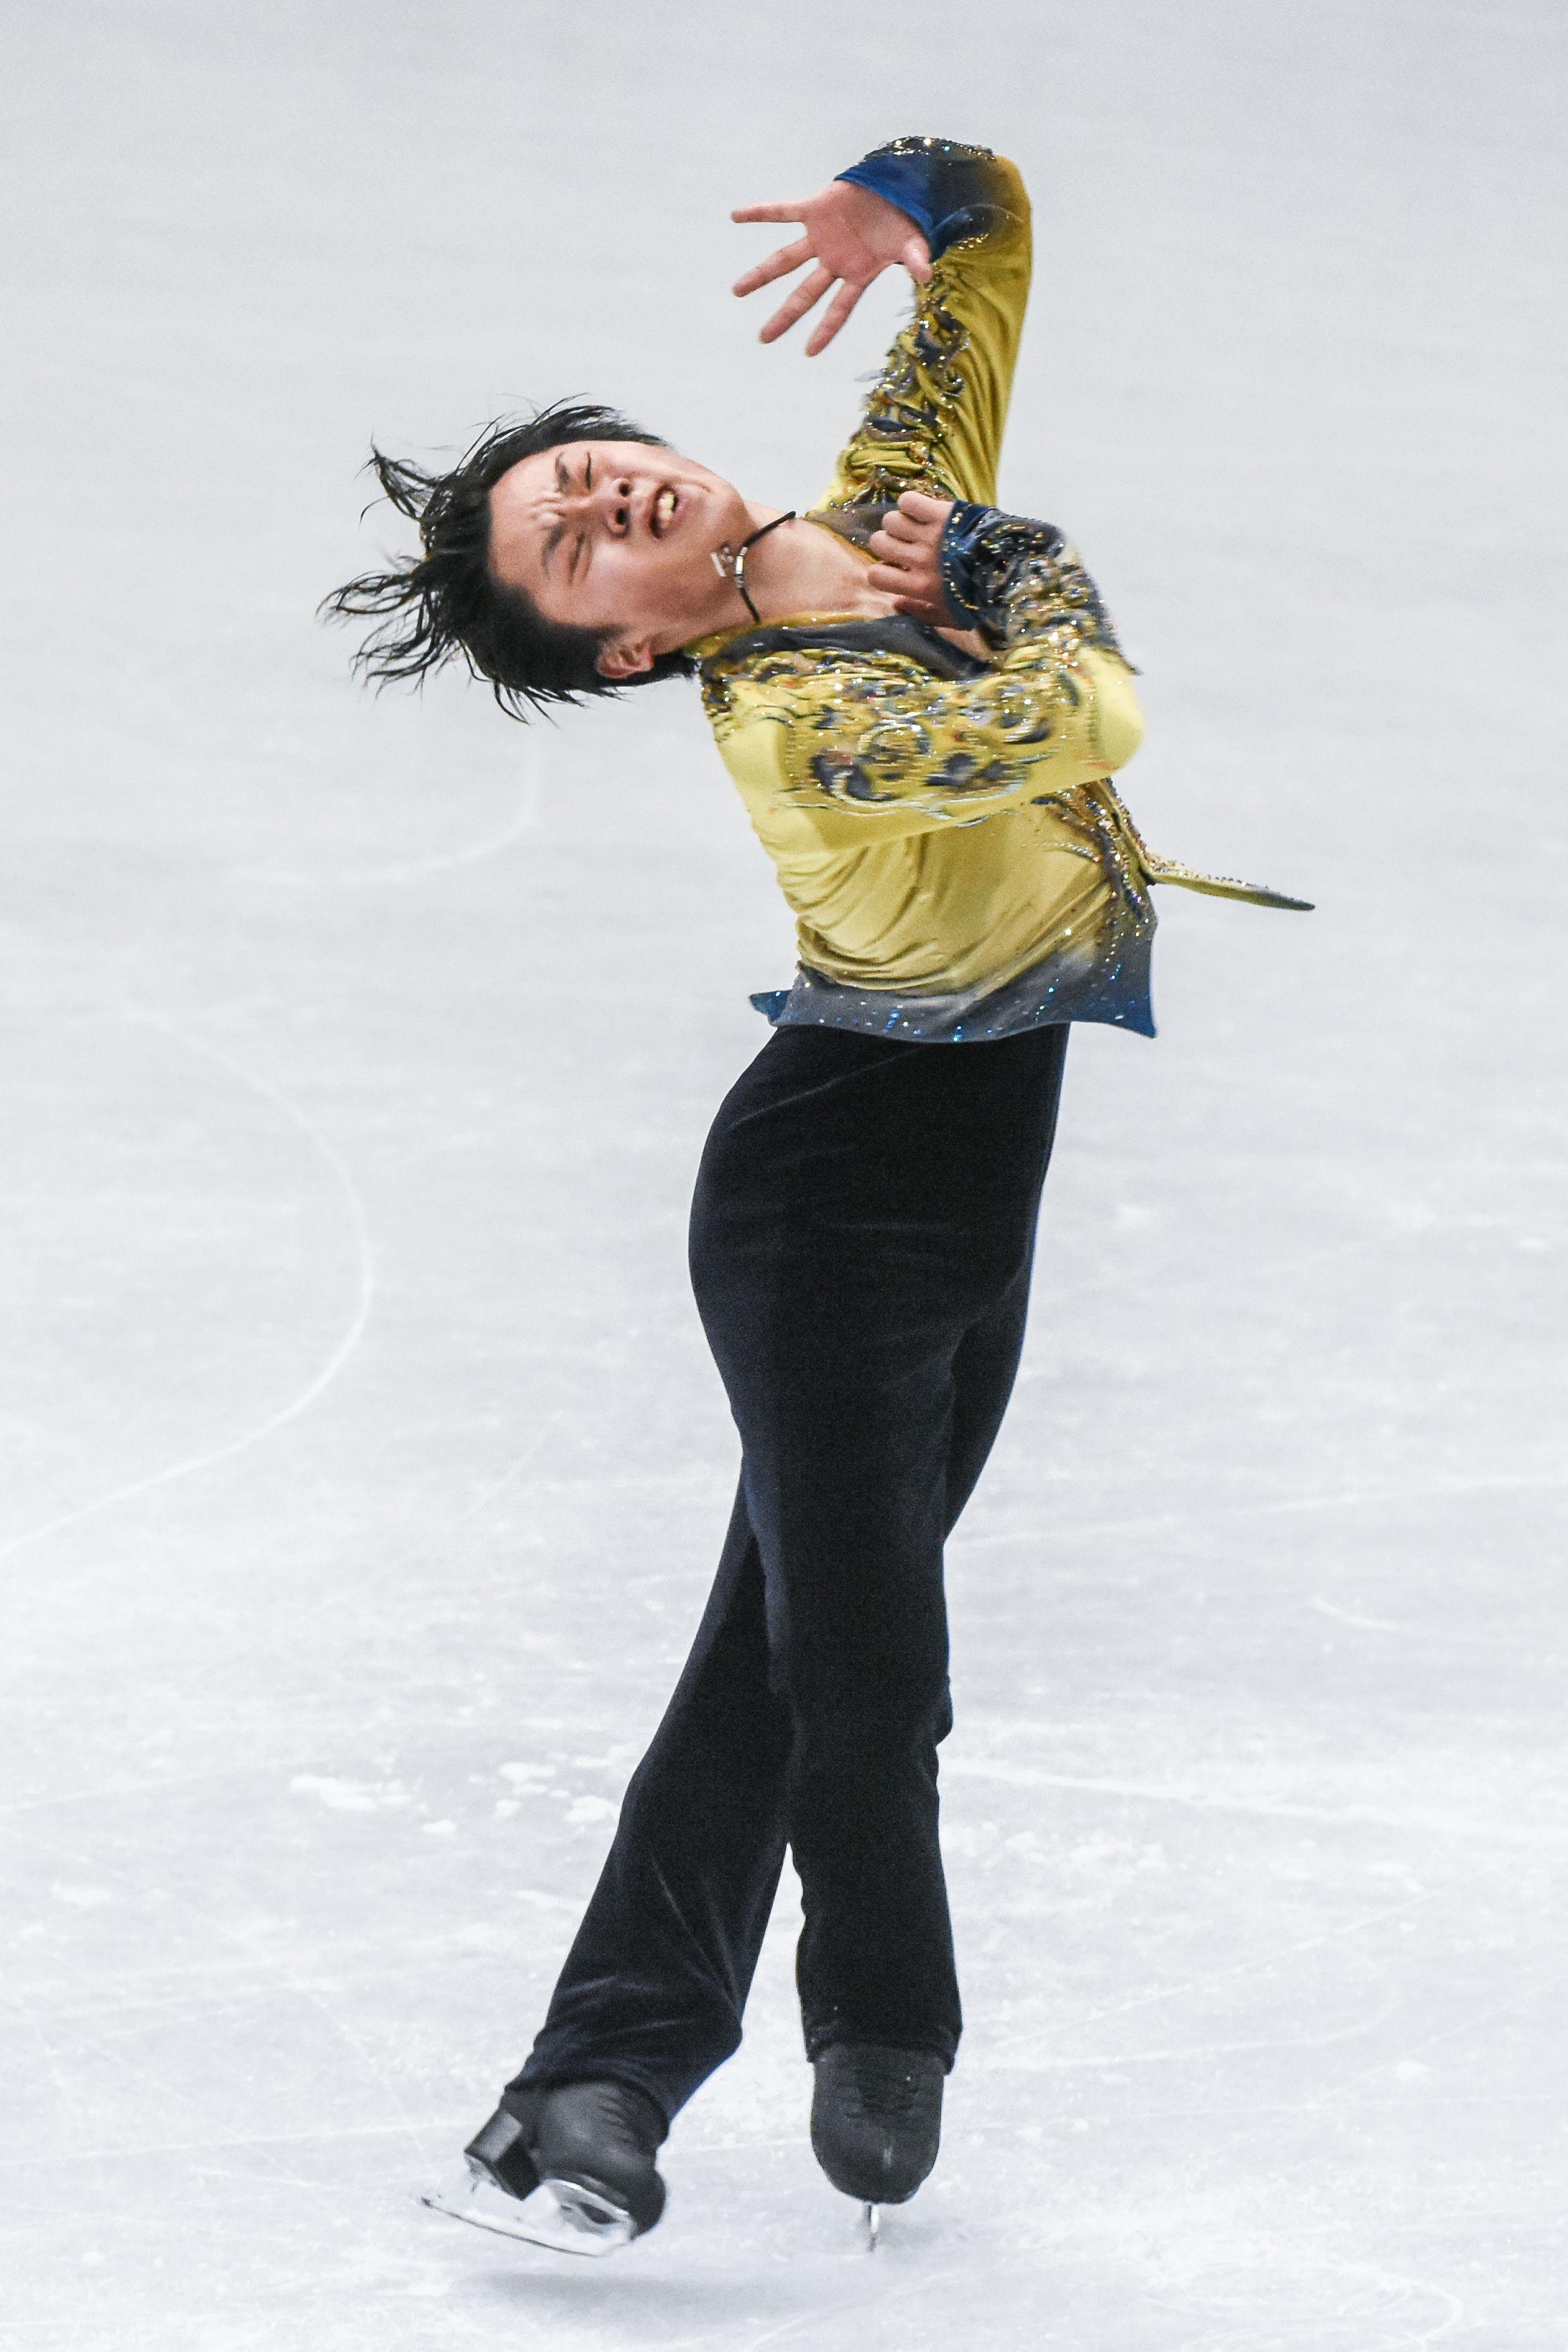 四大洲花式滑冰錦標賽男子長曲日本選手宇野昌磨。 (圖/記者林敬旻攝)